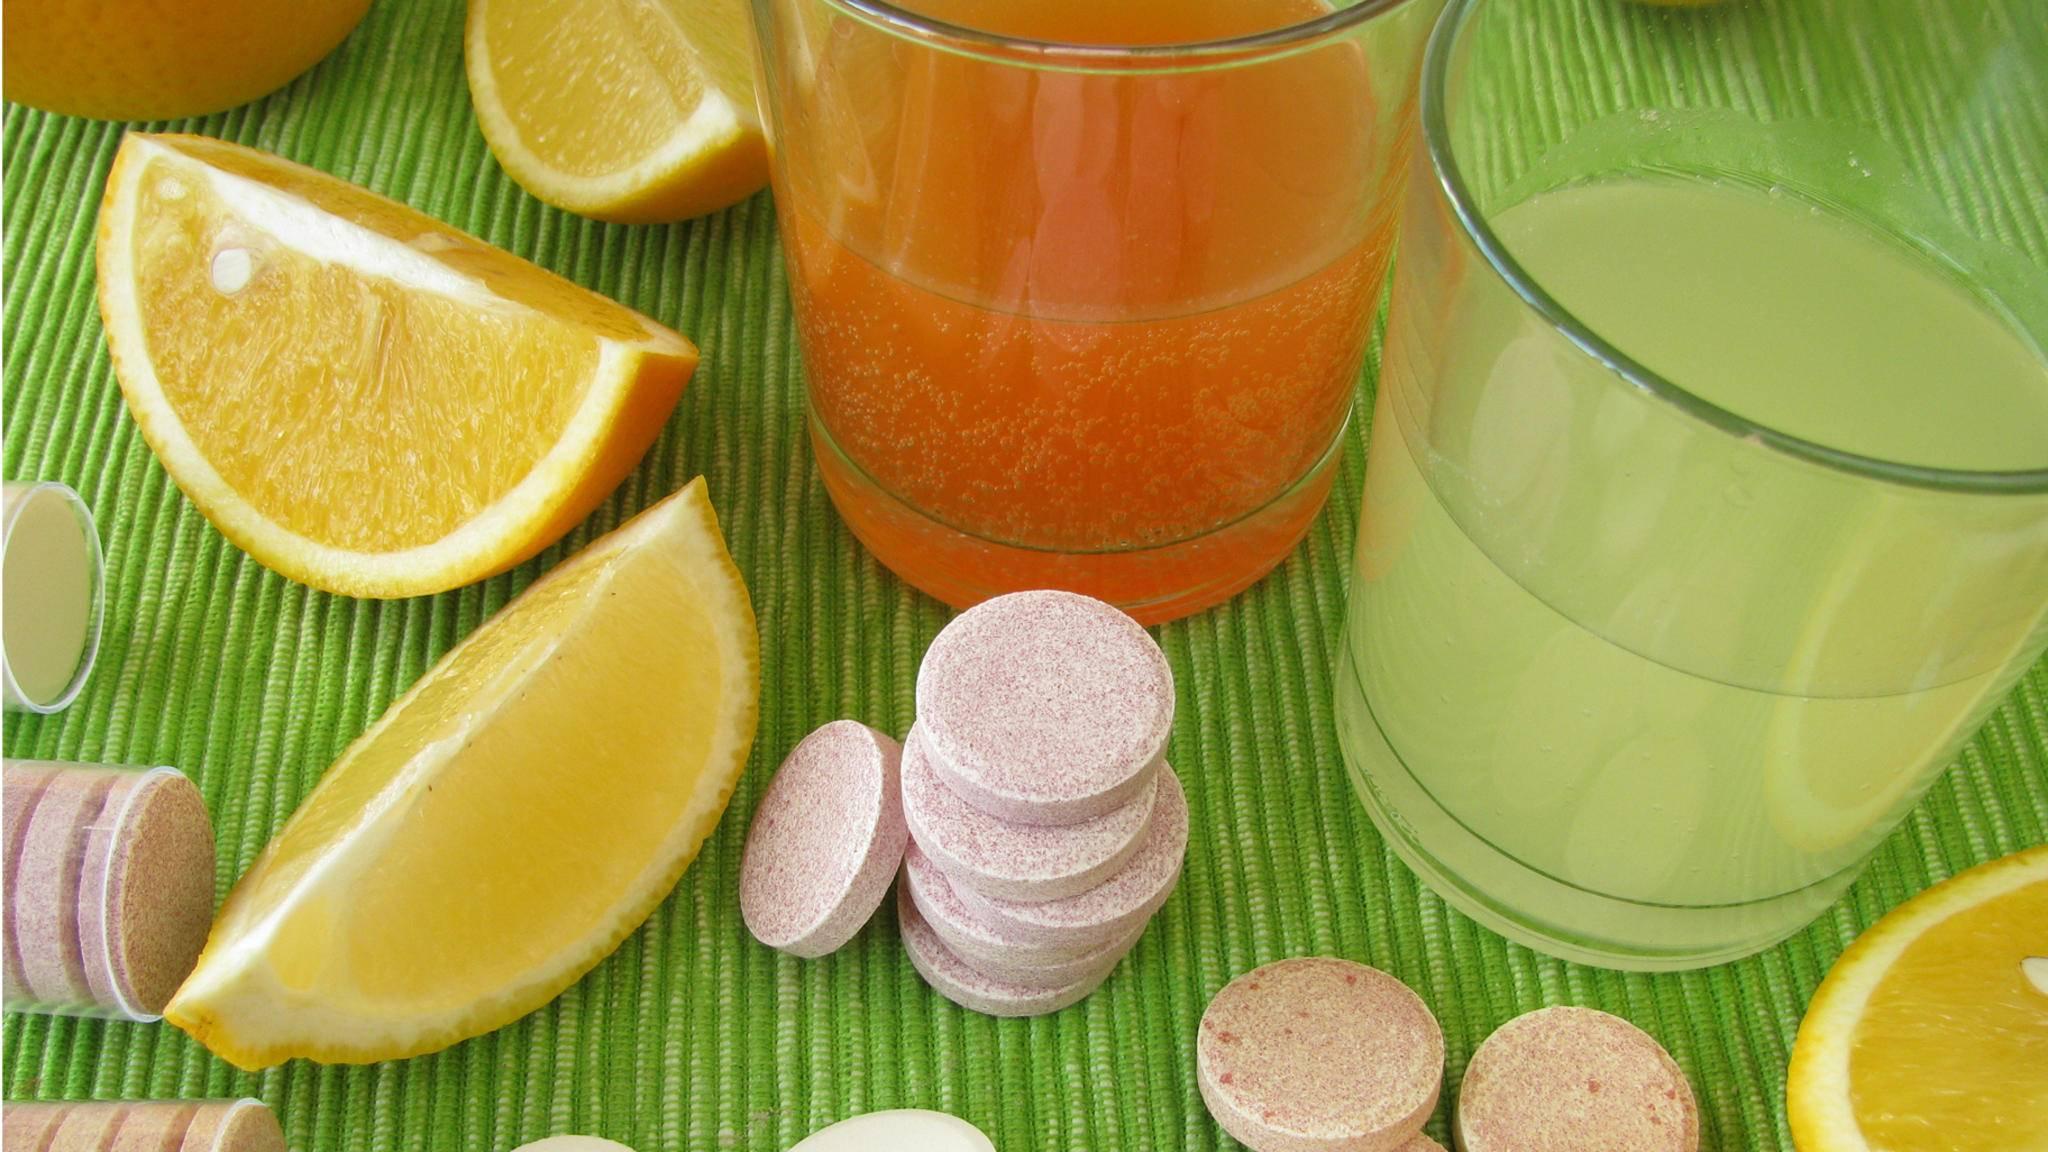 Antioxidantien stecken in Form von Vitamin C sowohl in Orangen als auch Vitamintabletten.